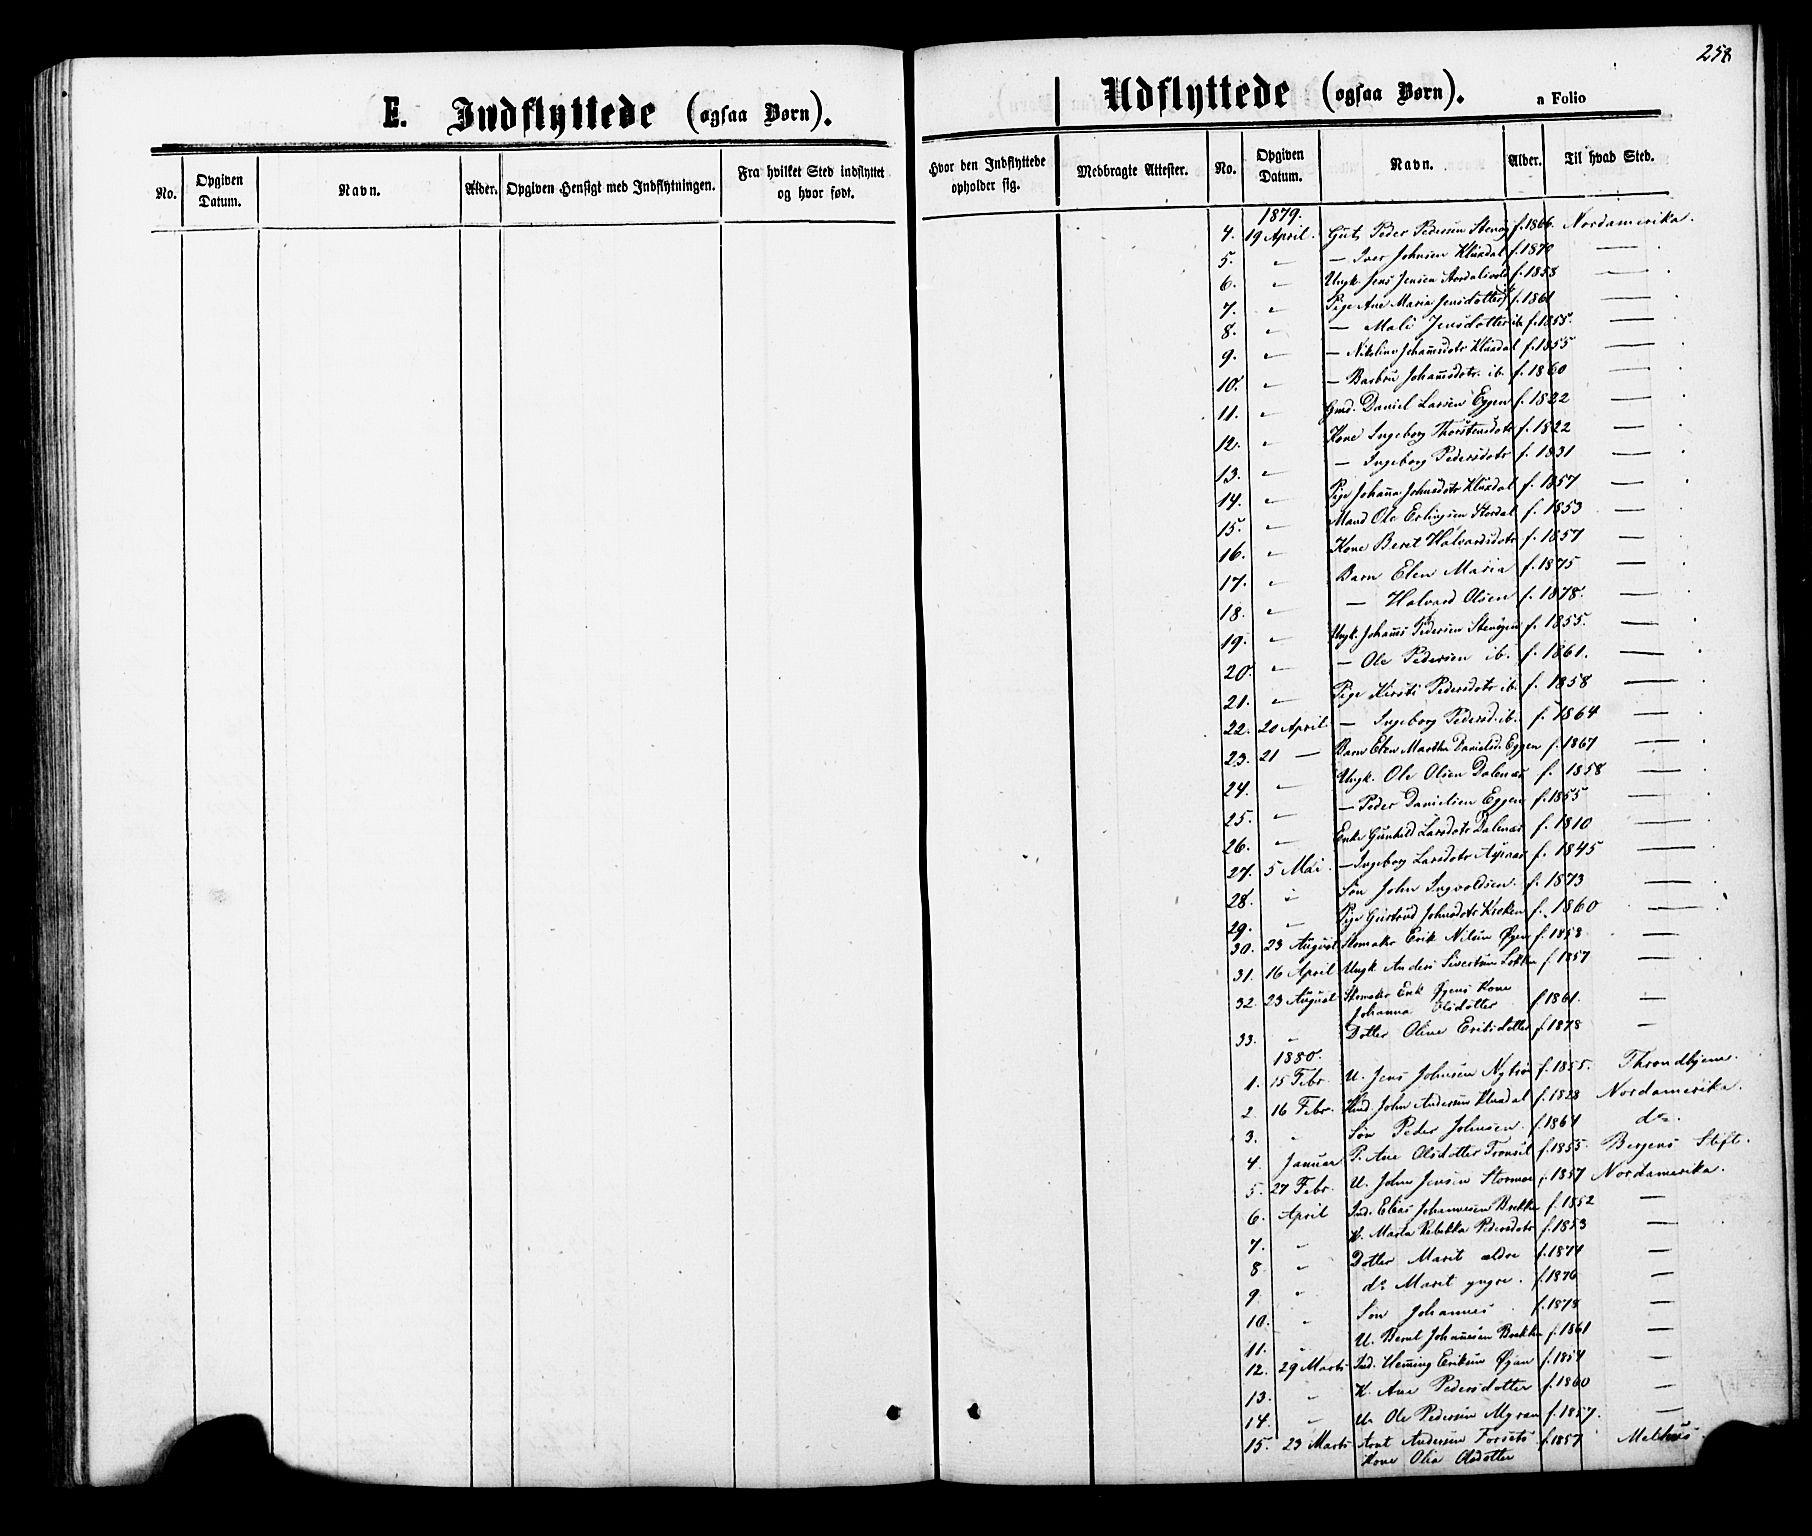 SAT, Ministerialprotokoller, klokkerbøker og fødselsregistre - Nord-Trøndelag, 706/L0049: Klokkerbok nr. 706C01, 1864-1895, s. 258